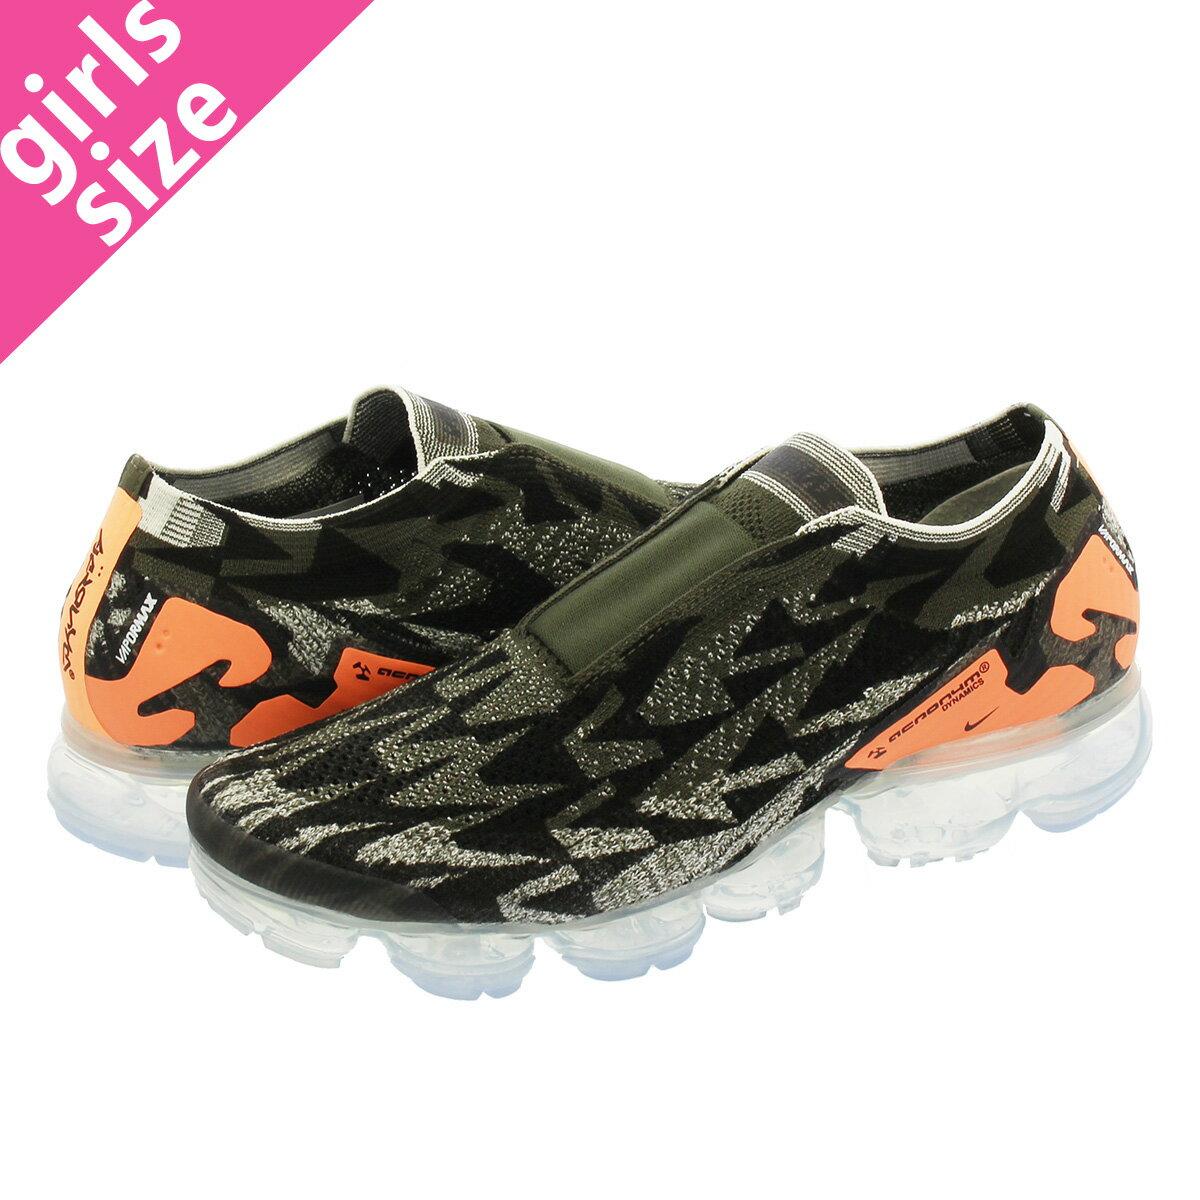 レディース靴, スニーカー  NIKE ACRONYM AIR VAPORMAX MOC 2 2 SAILCARGO KHAKIDARK STUCCO aq0996-102-l